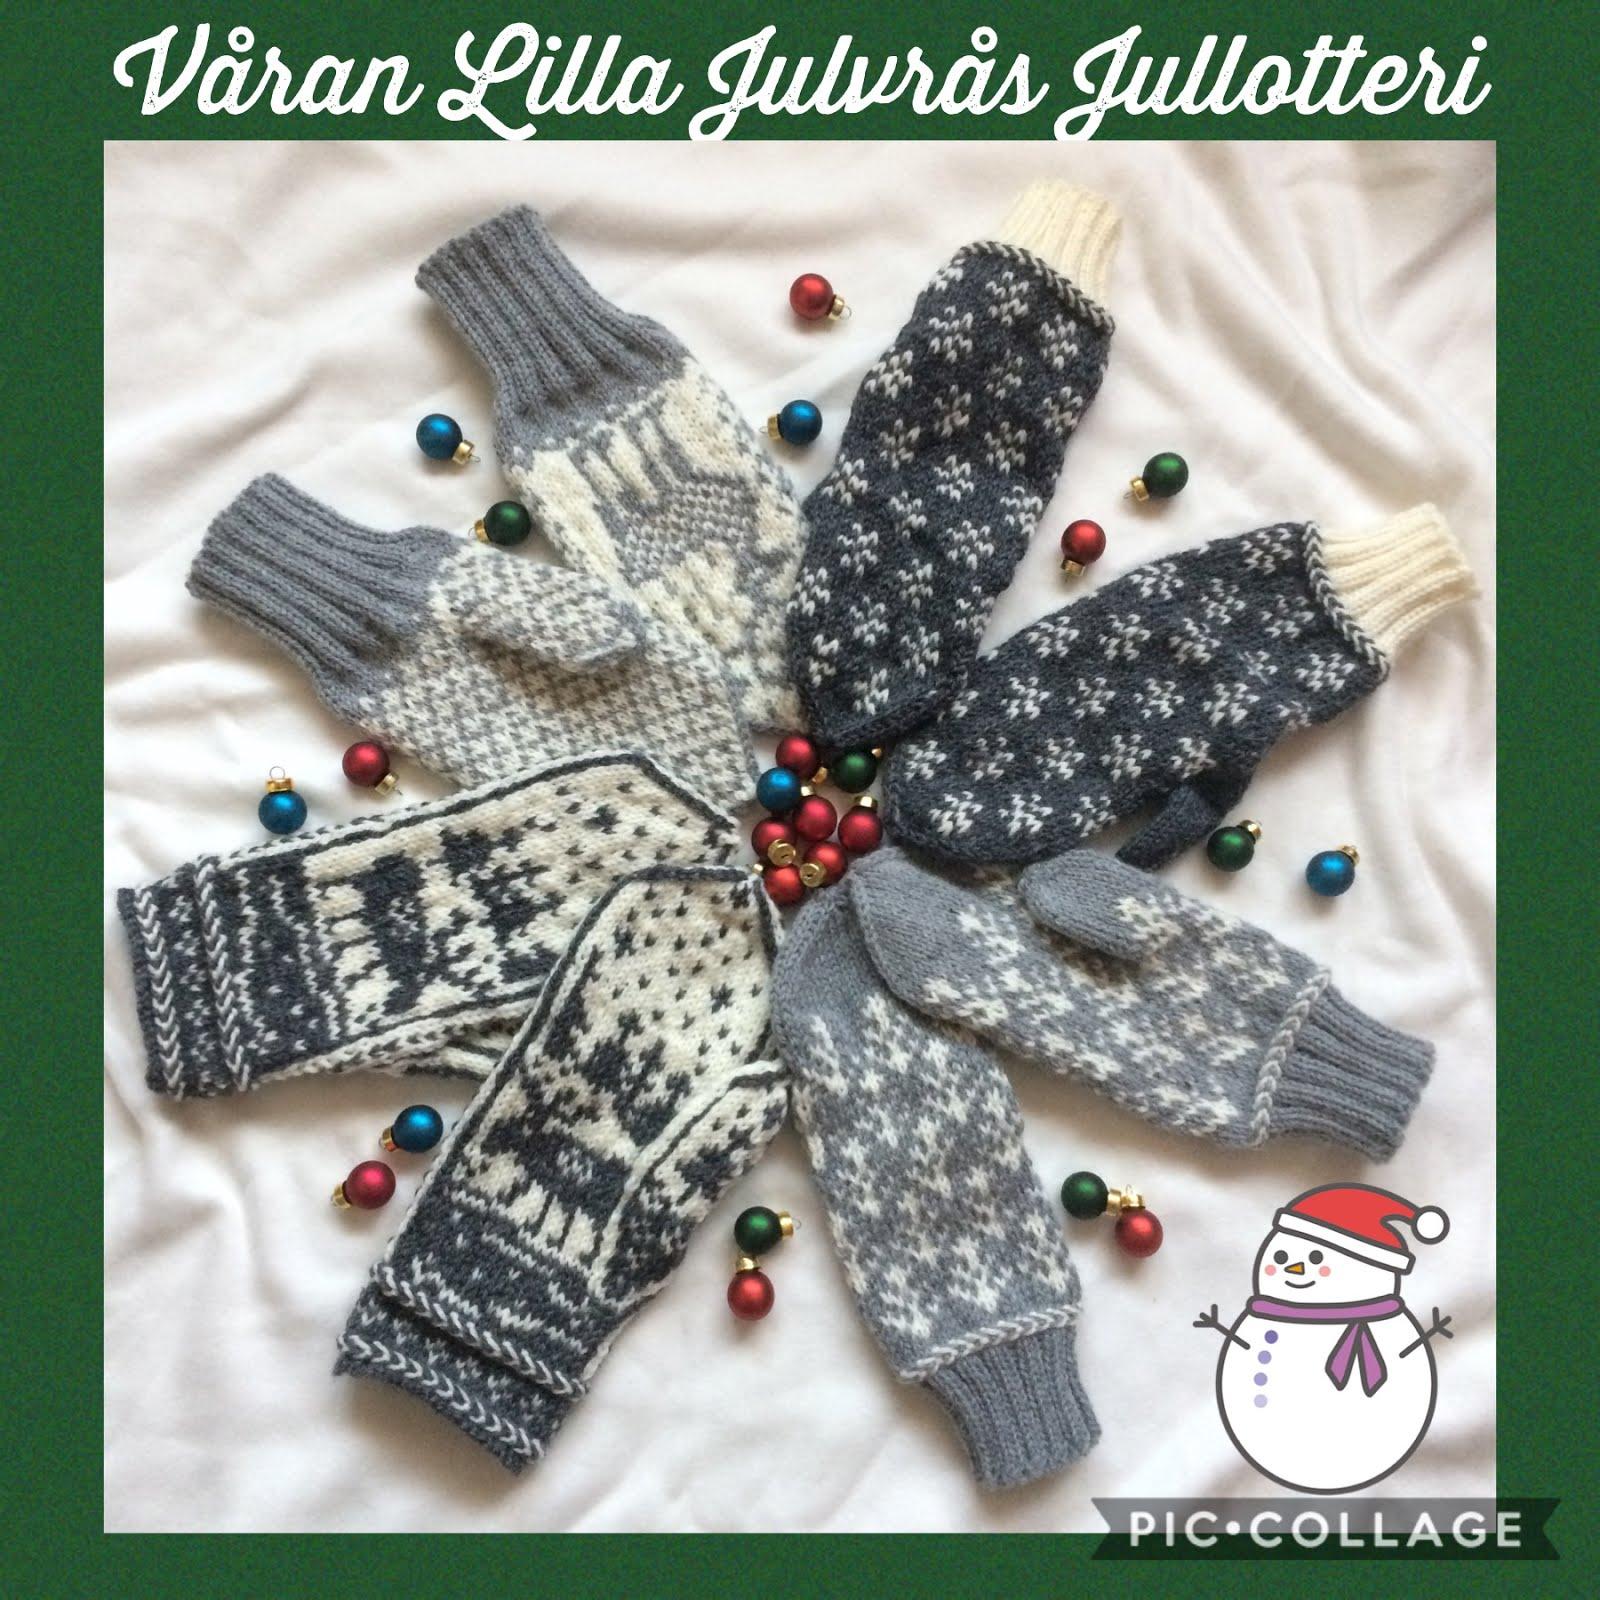 Våran Lilla Julvrås Jullotteri